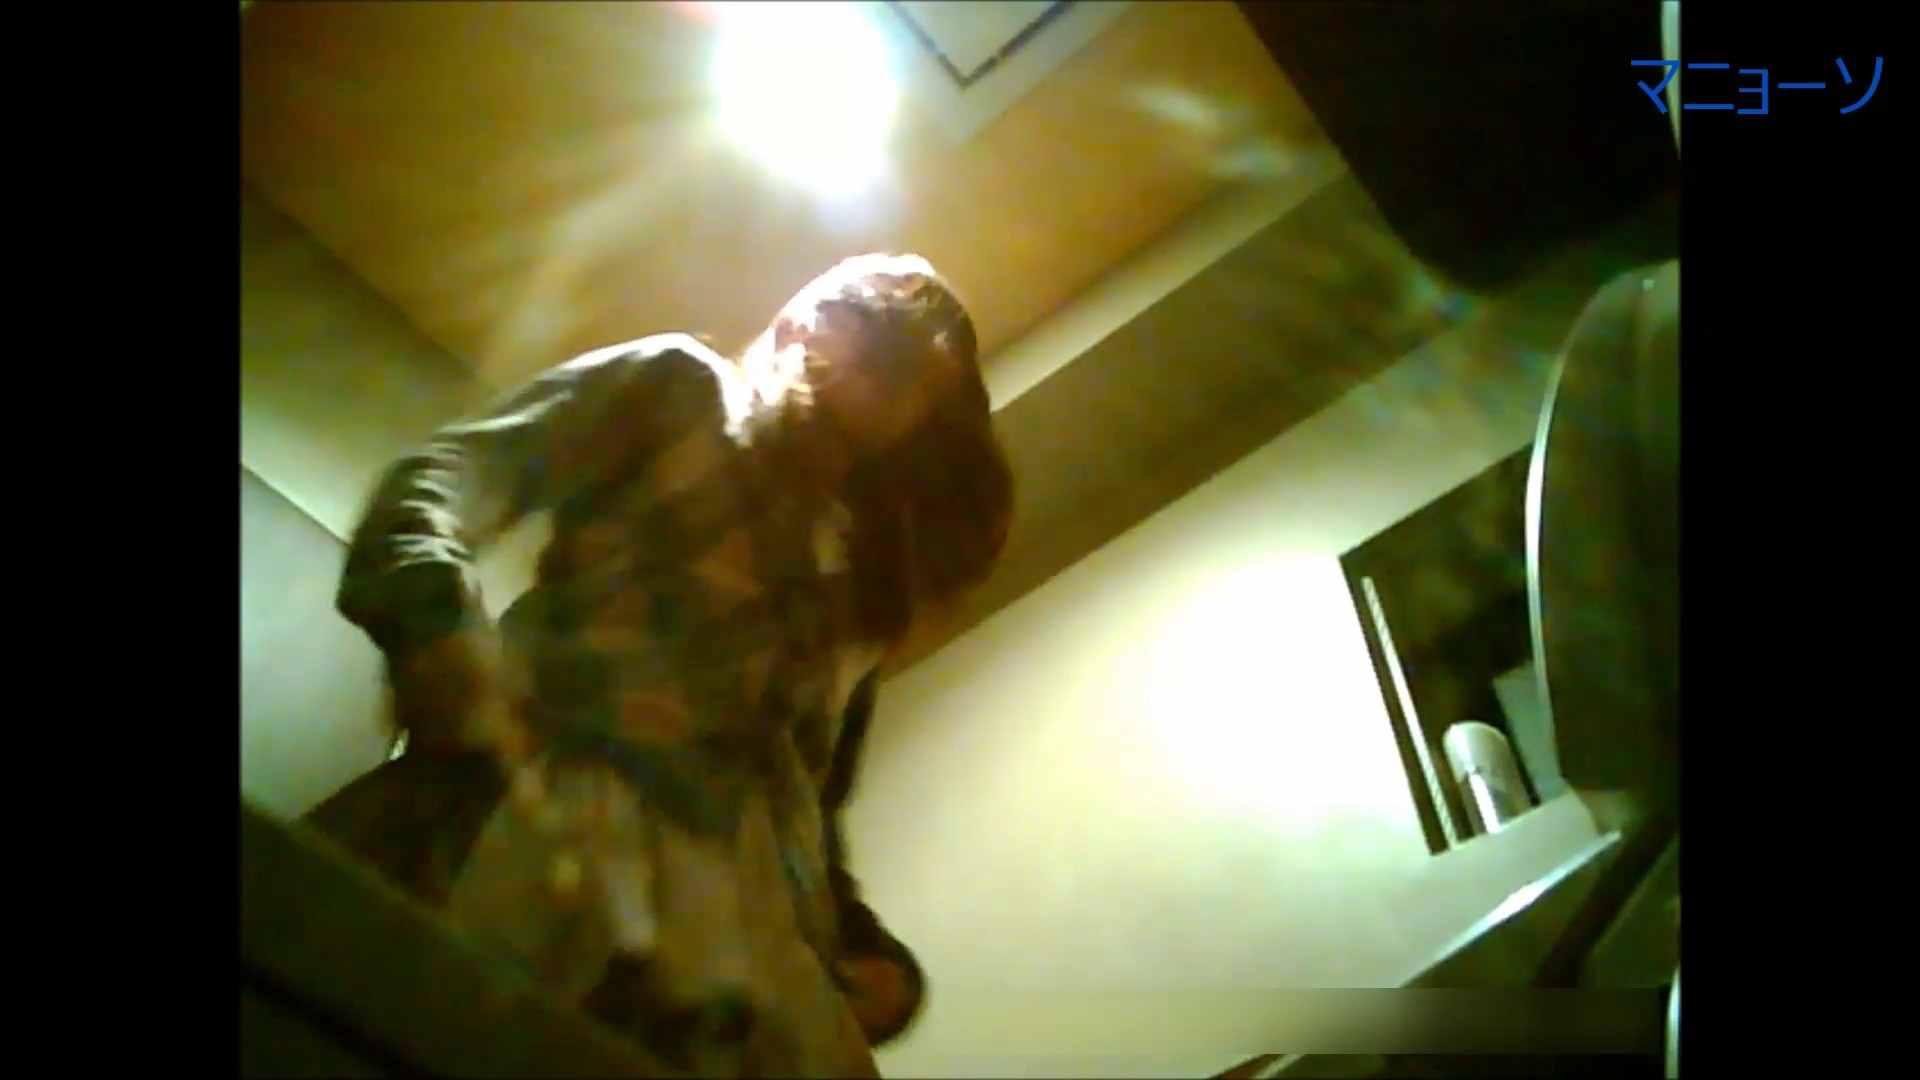 トイレでひと肌脱いでもらいました (JD編)Vol.01 トイレ  53pic 44